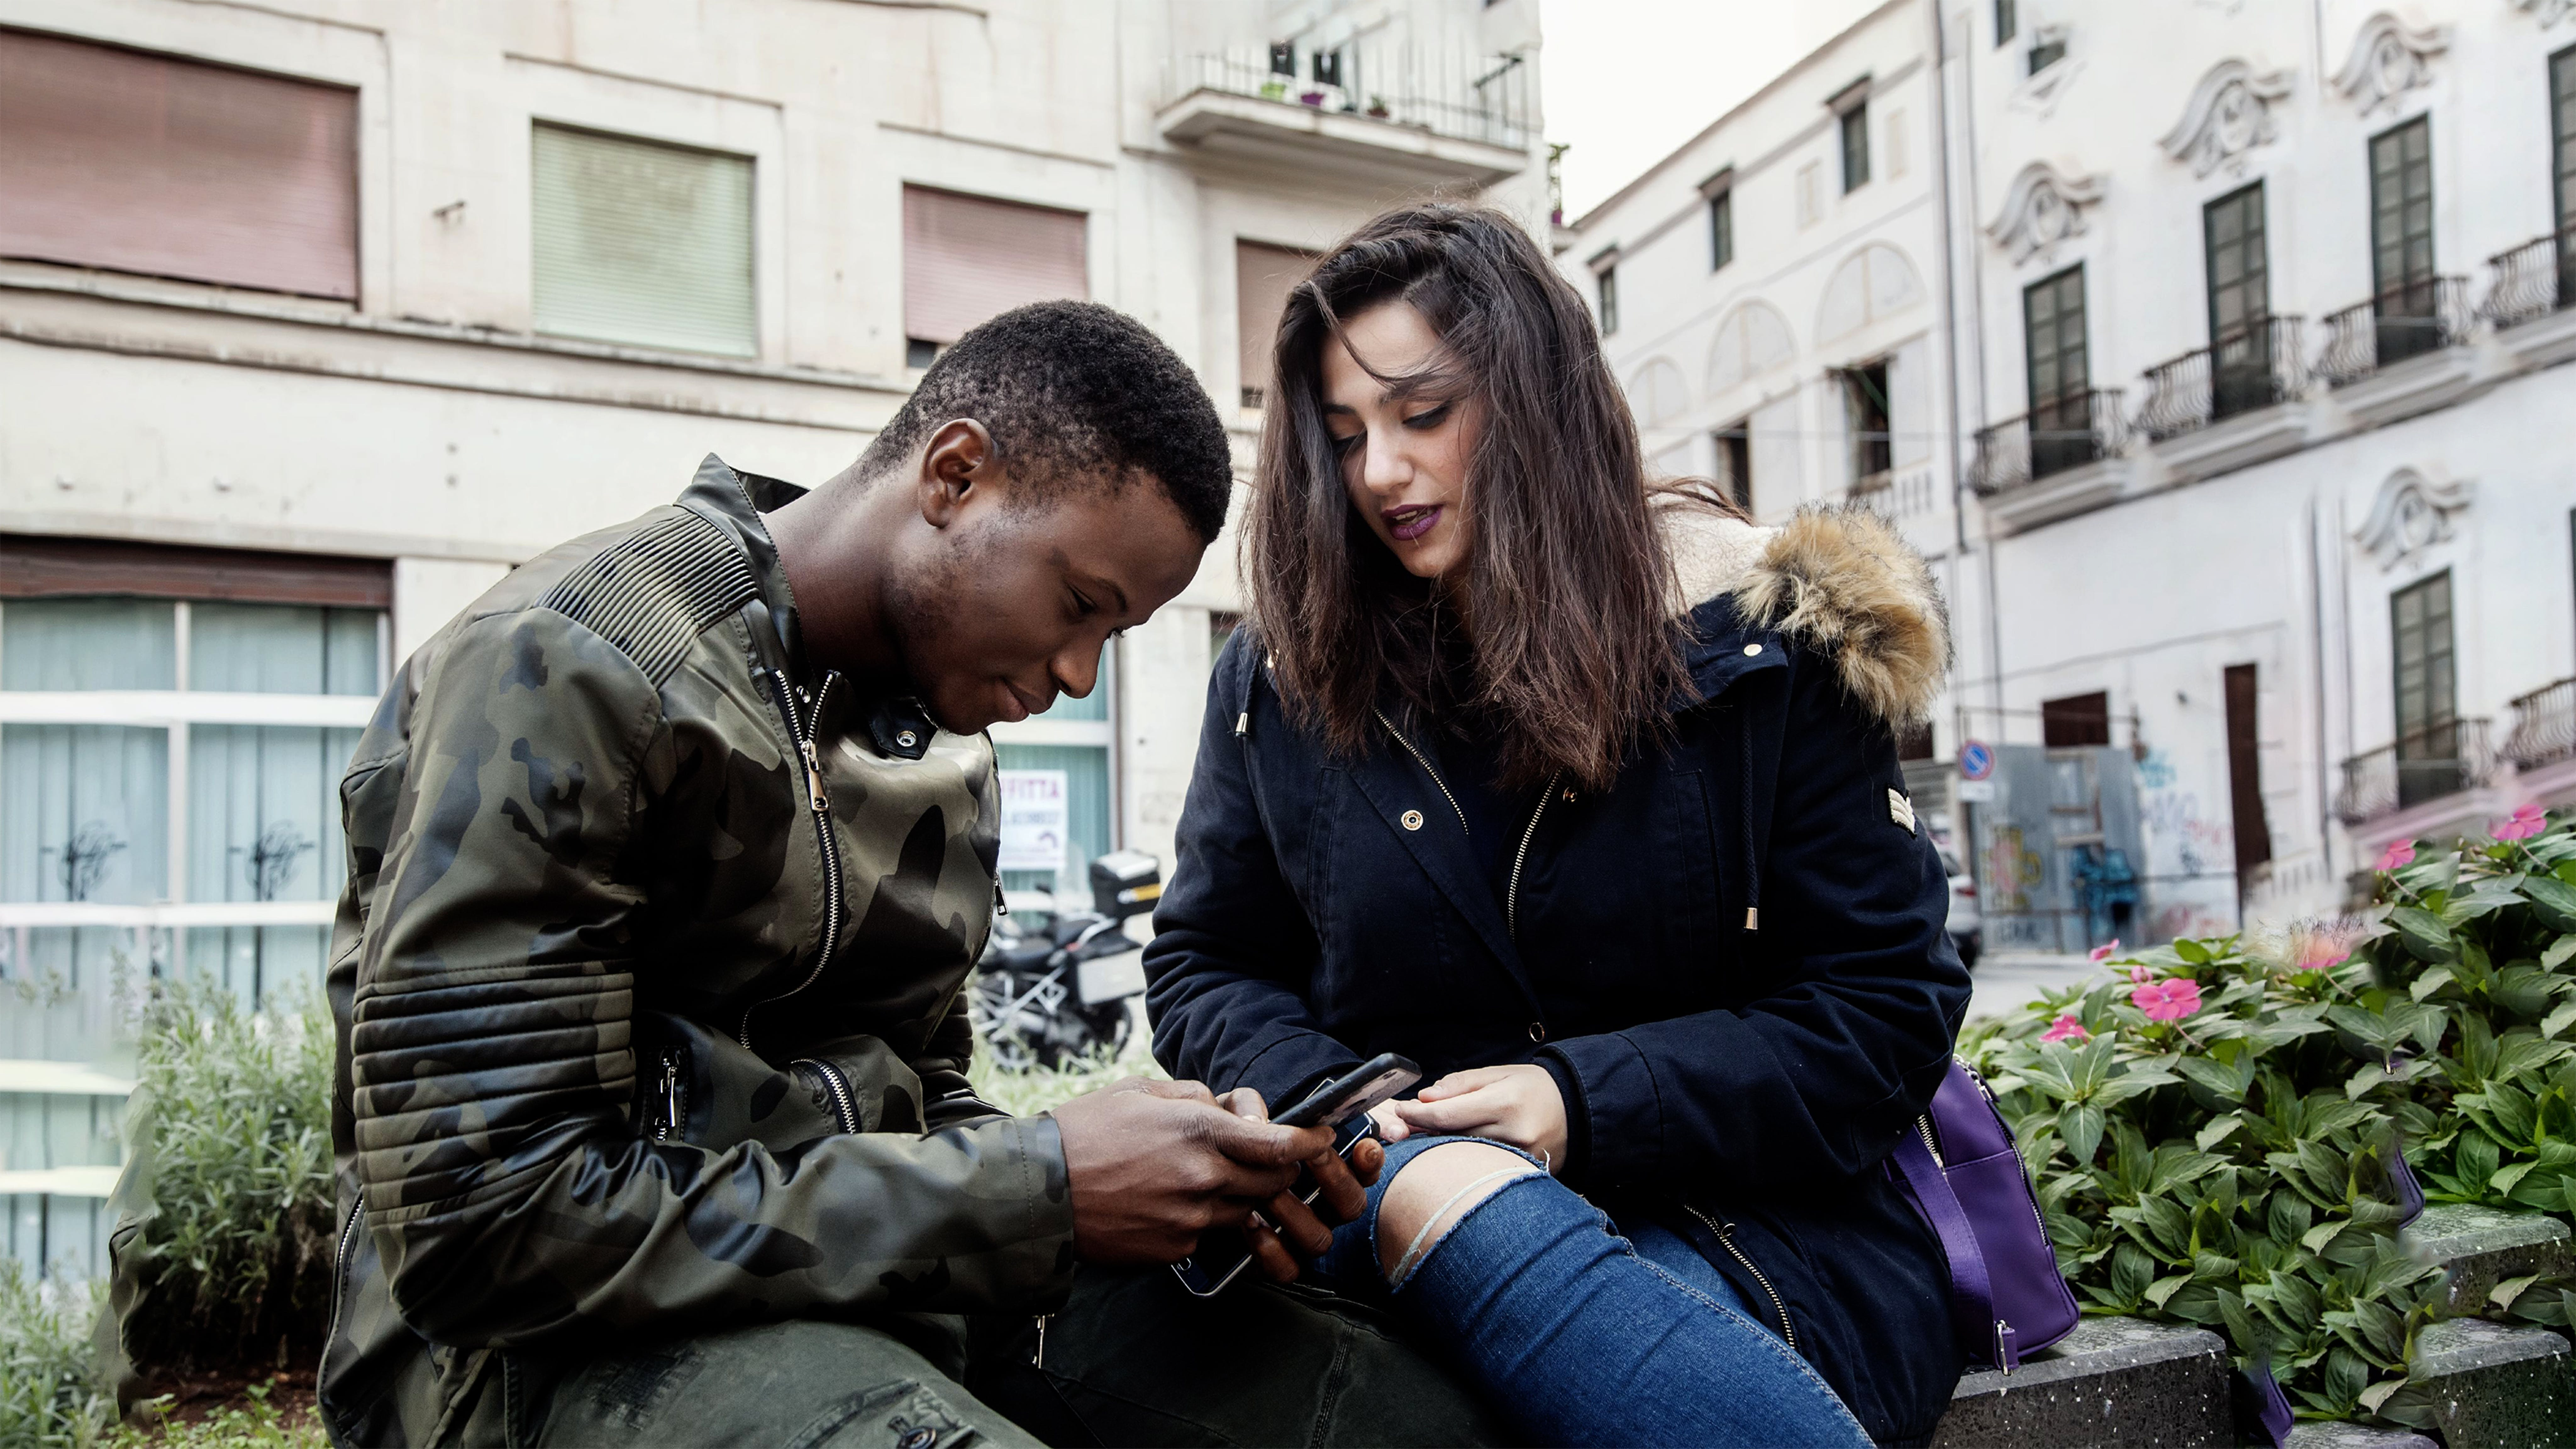 Italia, una ragazza italiana e un migrante rifugiato partecipano  al programma UPSHIFT dell'UNICEF, un corso per migranti, rifugiati e italiani locali.